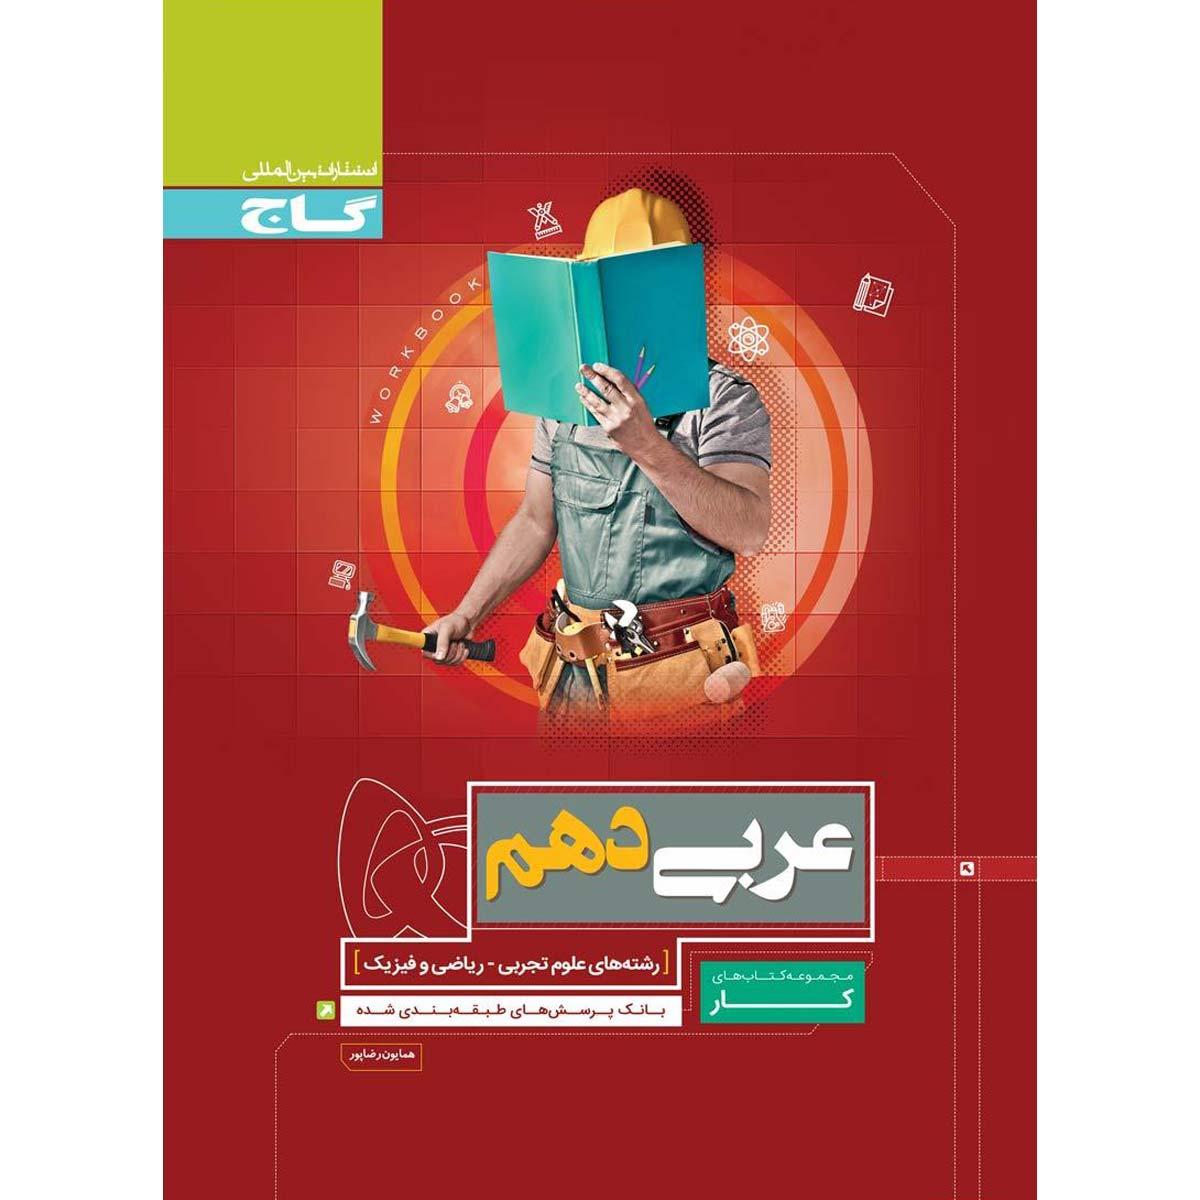 کتاب عربی دهم سری کار انتشارات بین المللی گاج